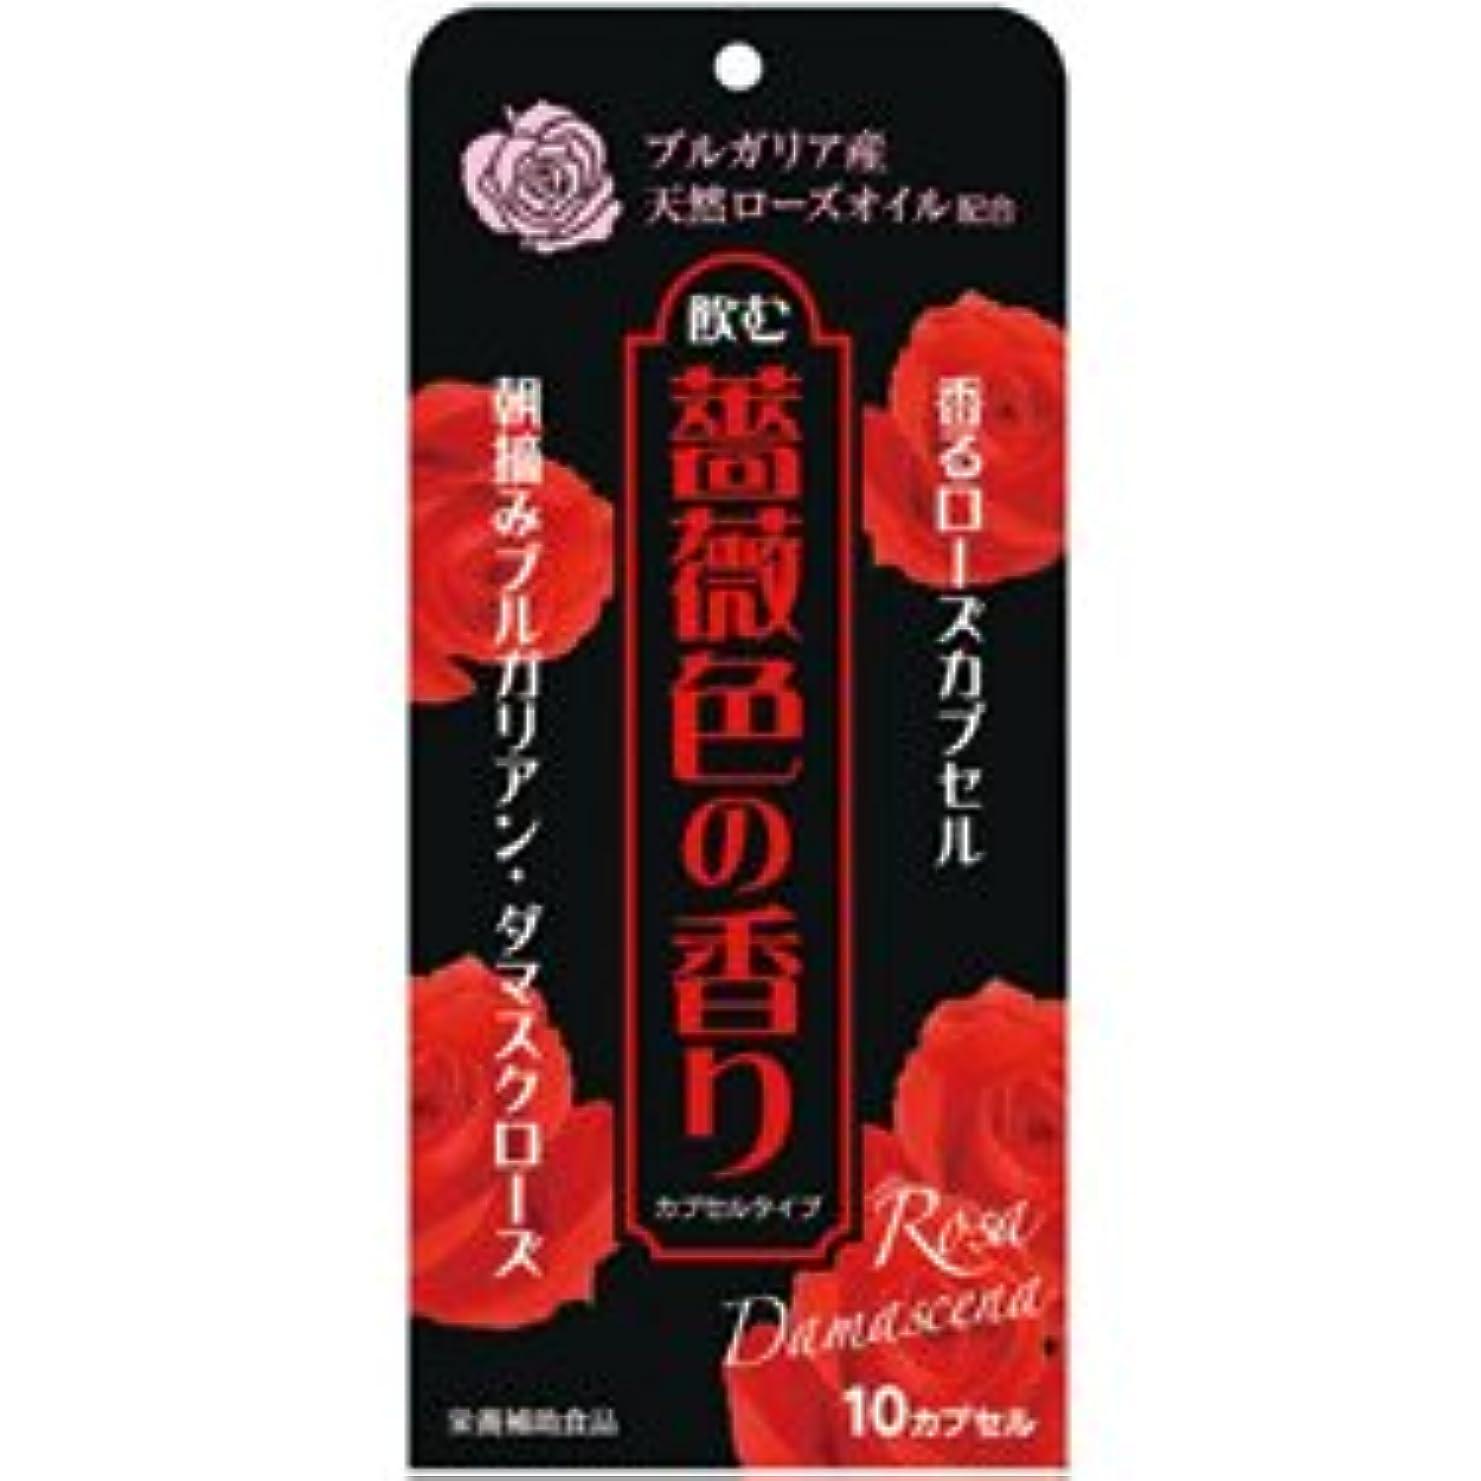 部分してはいけないボトル【ウェルネスジャパン】飲む薔薇色の香り 10カプセル ×5個セット